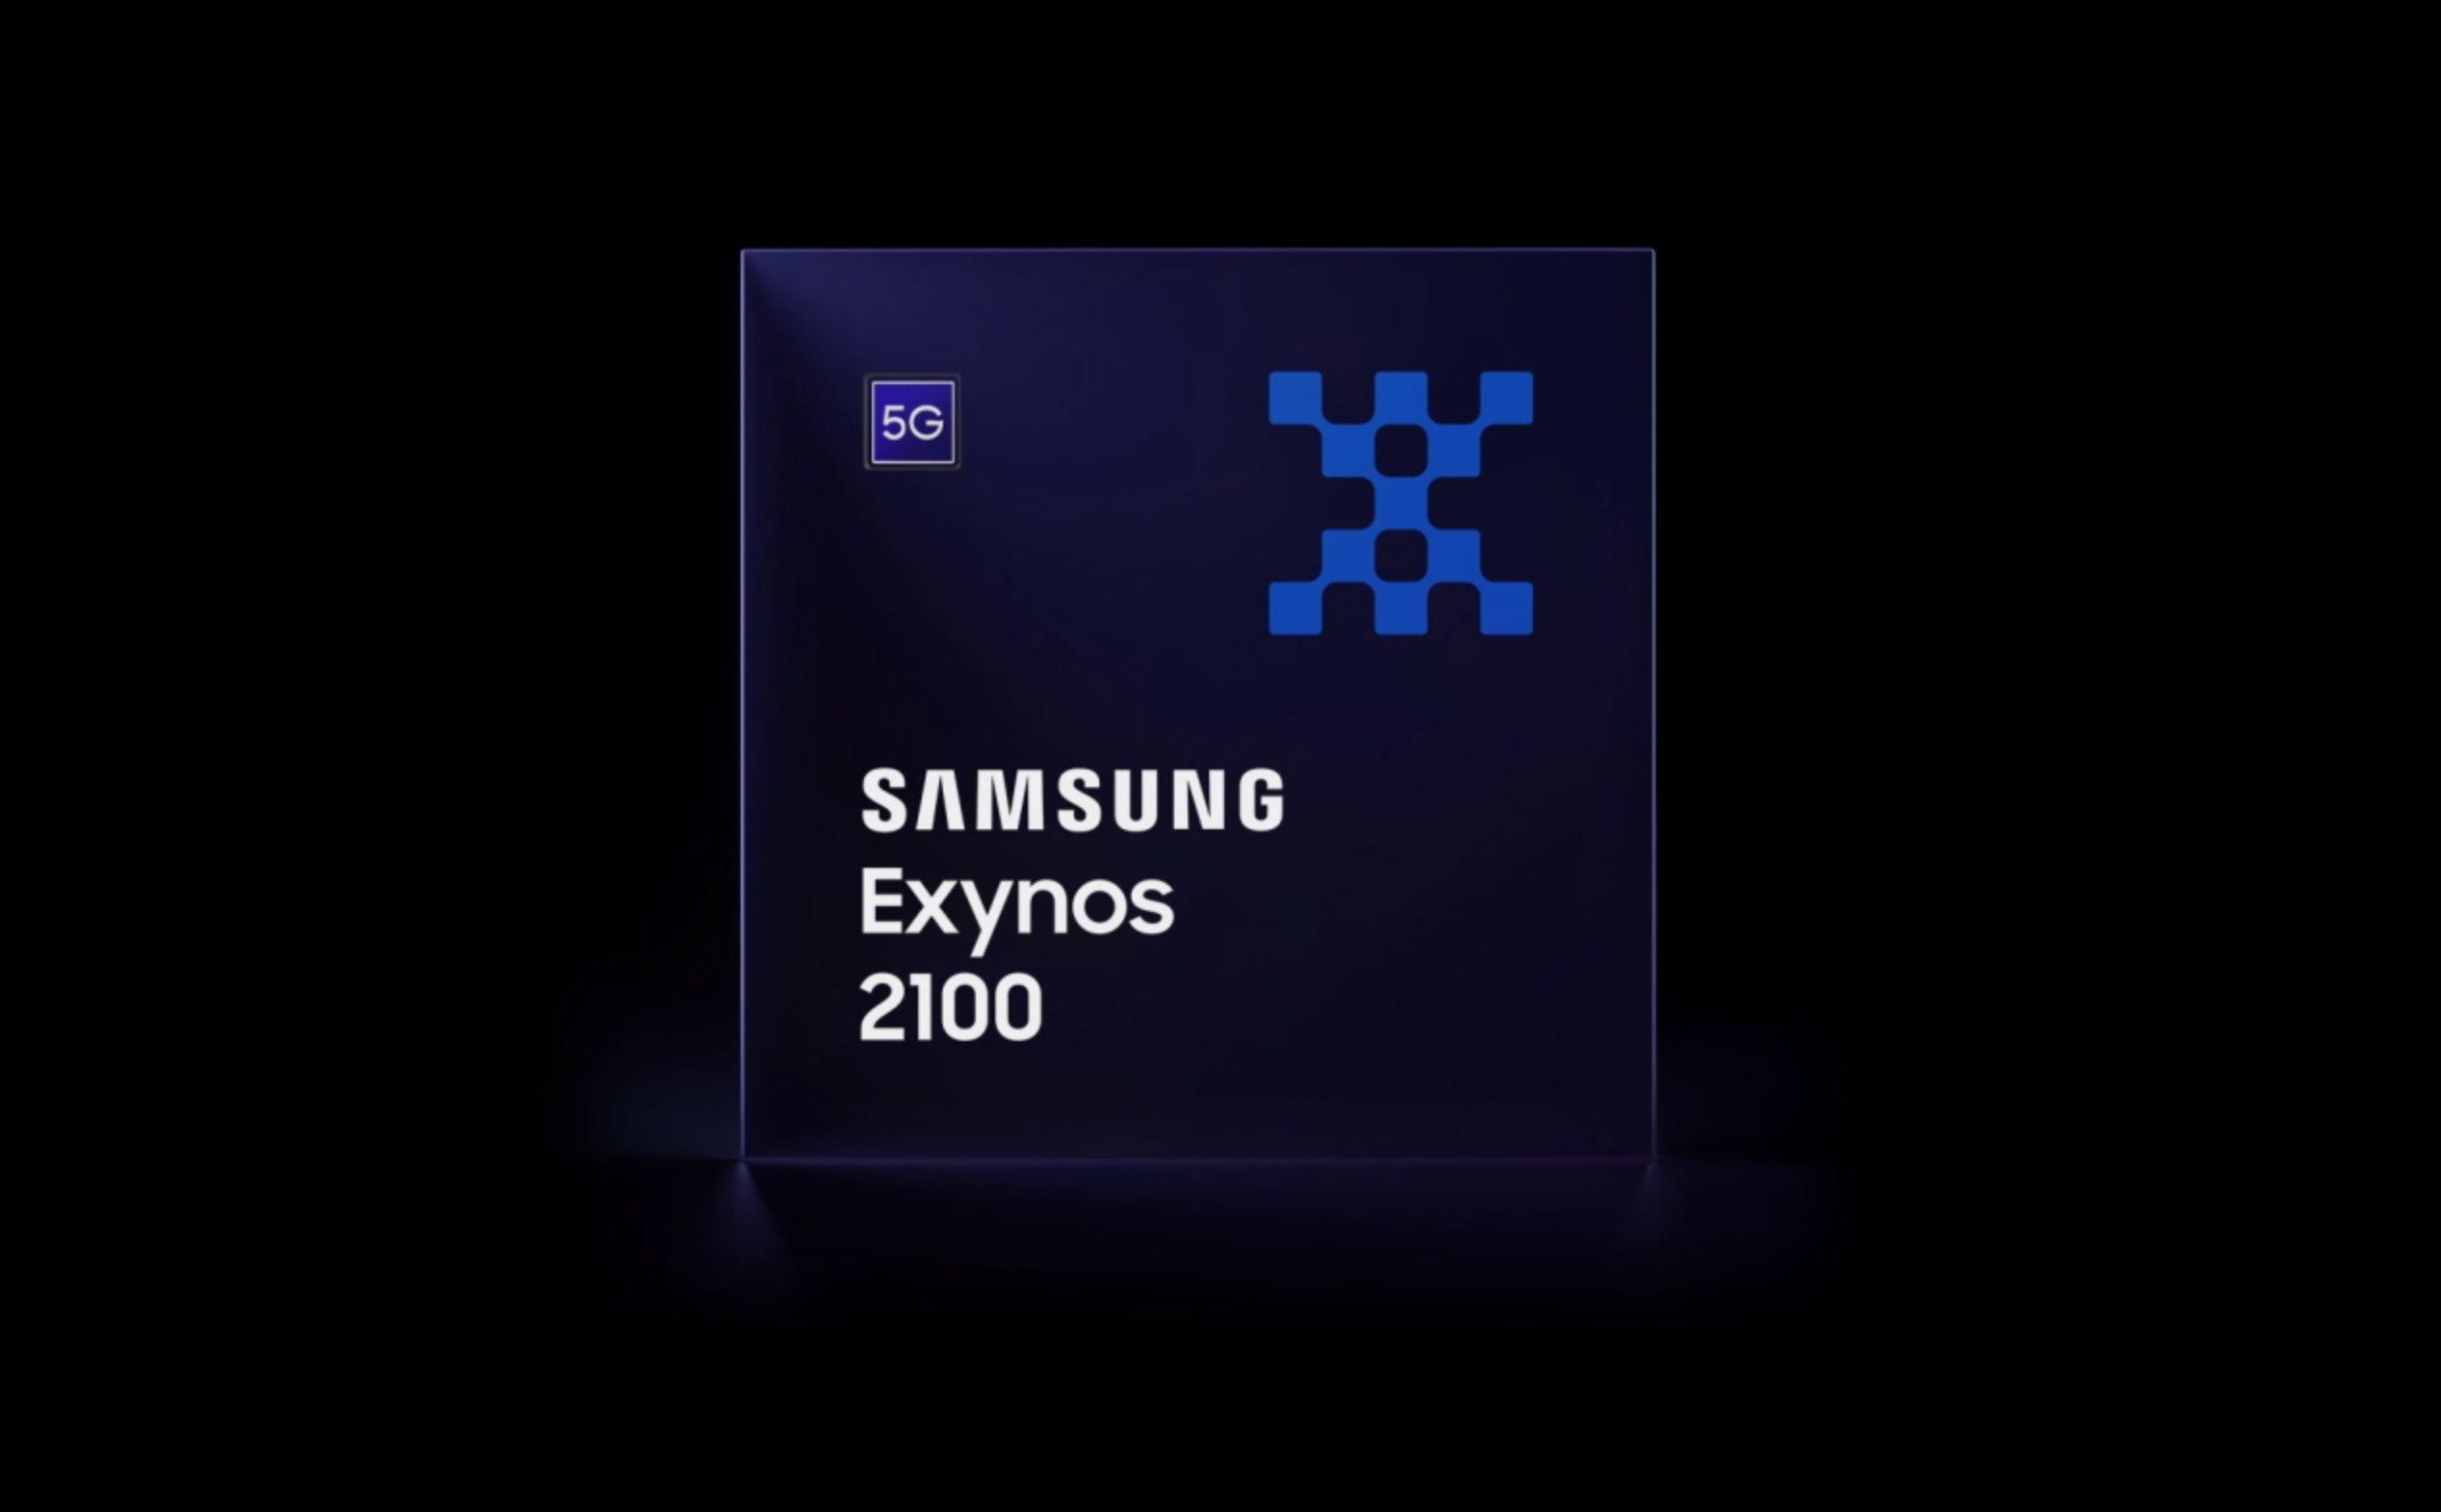 L'Exynos 2100 du Samsung Galaxy S21 est (très) prometteur : voici les caractéristiques officielles